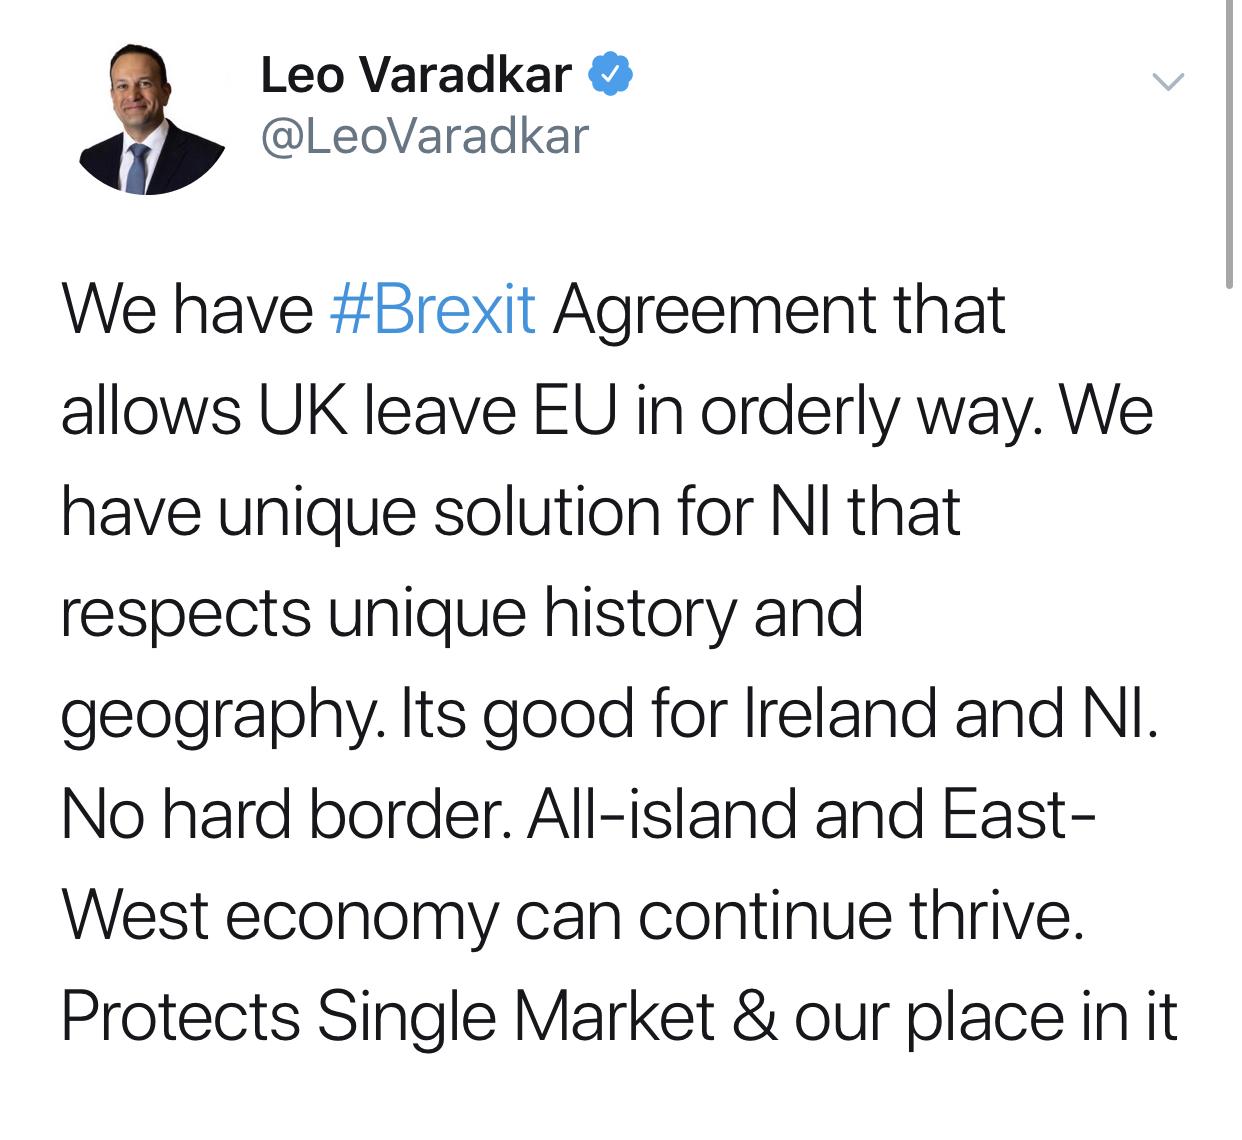 爱尔兰总理瓦拉德卡的推特截图。/ 推特